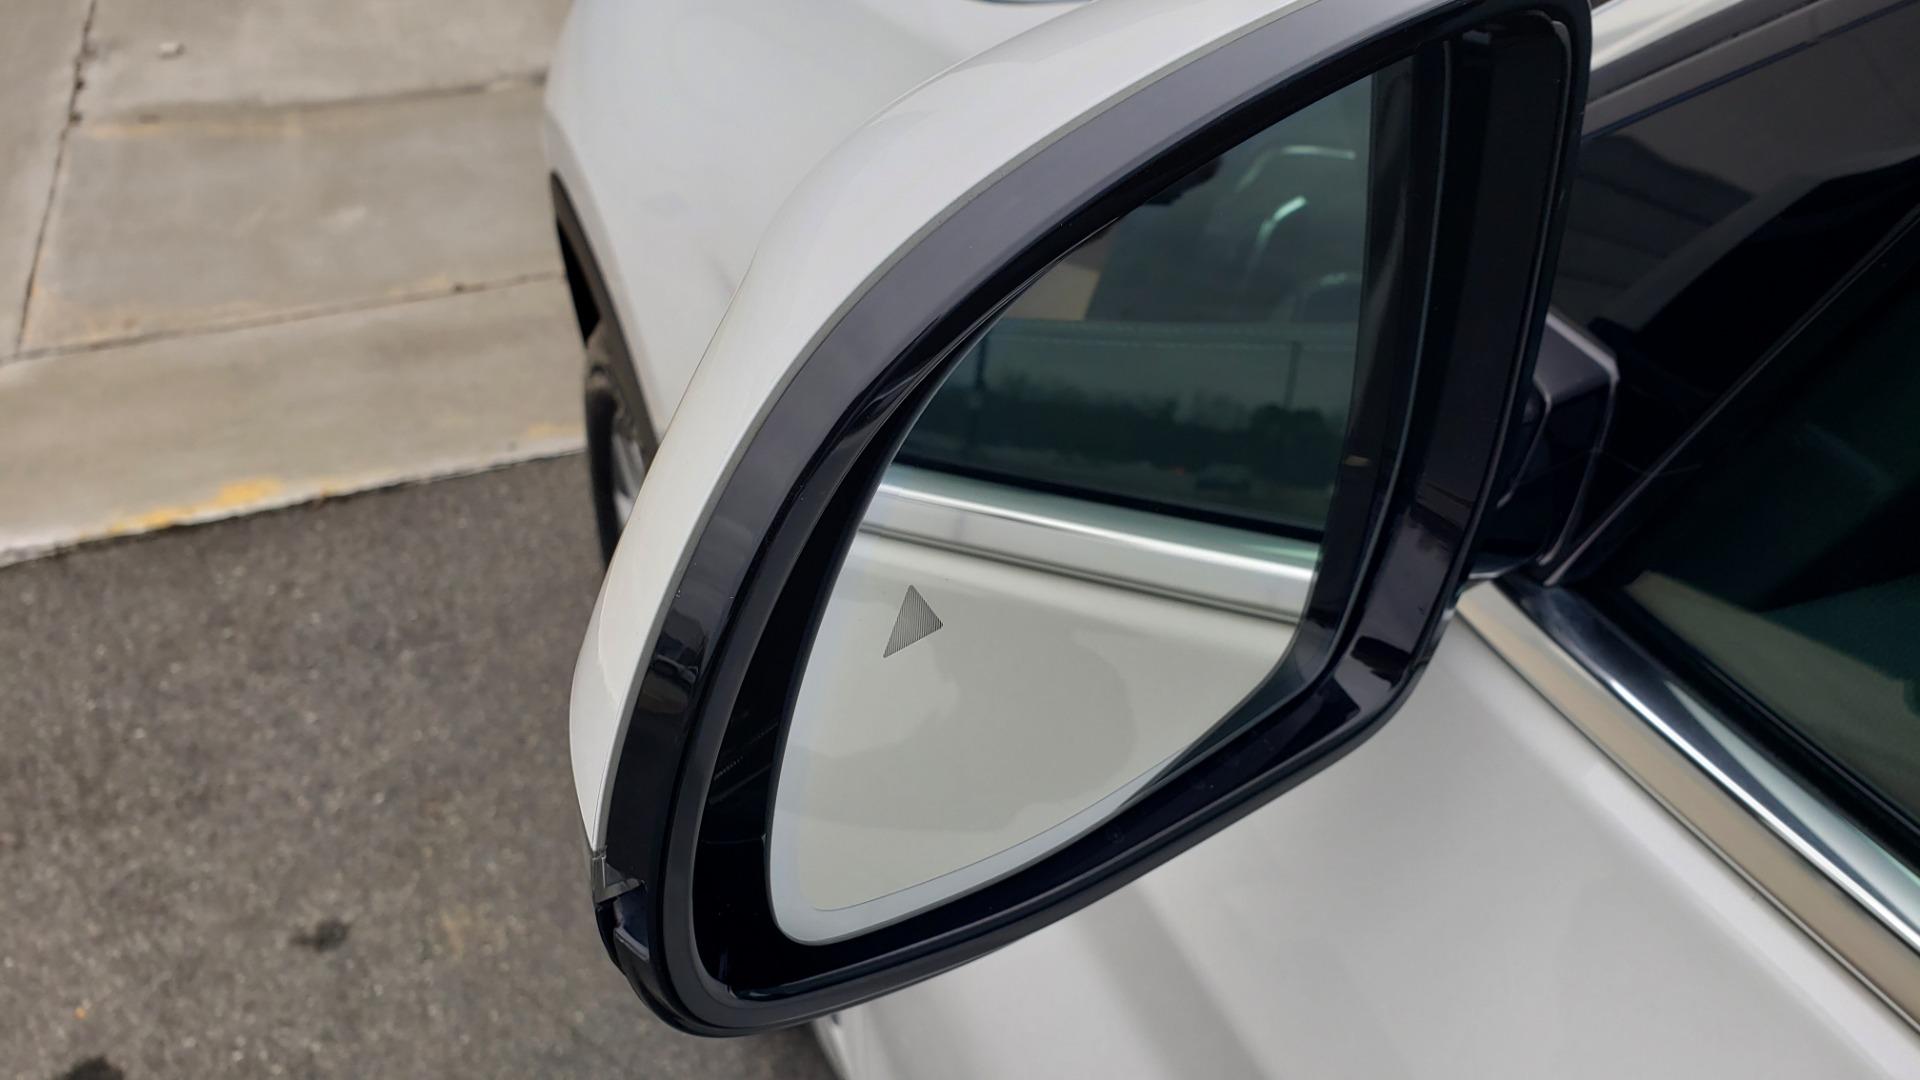 Used 2018 BMW X3 XDRIVE30I / LUX PKG / PREM PKG / CONV PKG / PDC / APPLE CARPLAY for sale Sold at Formula Imports in Charlotte NC 28227 28